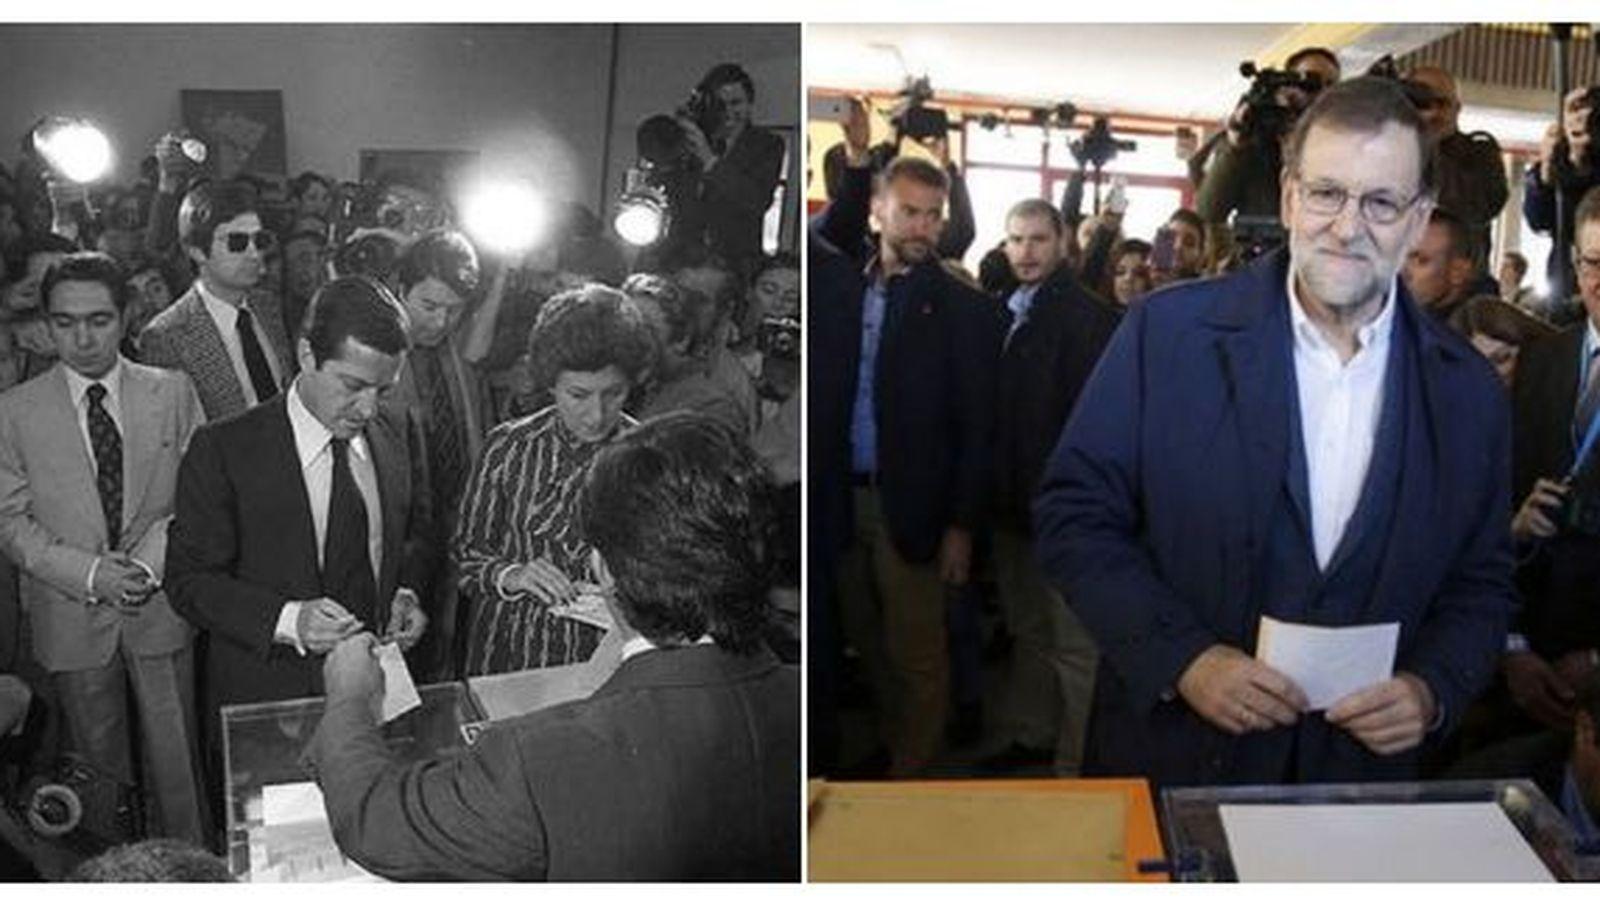 Elecciones generales 2015 20 d un tuit de interior for Interior elecciones